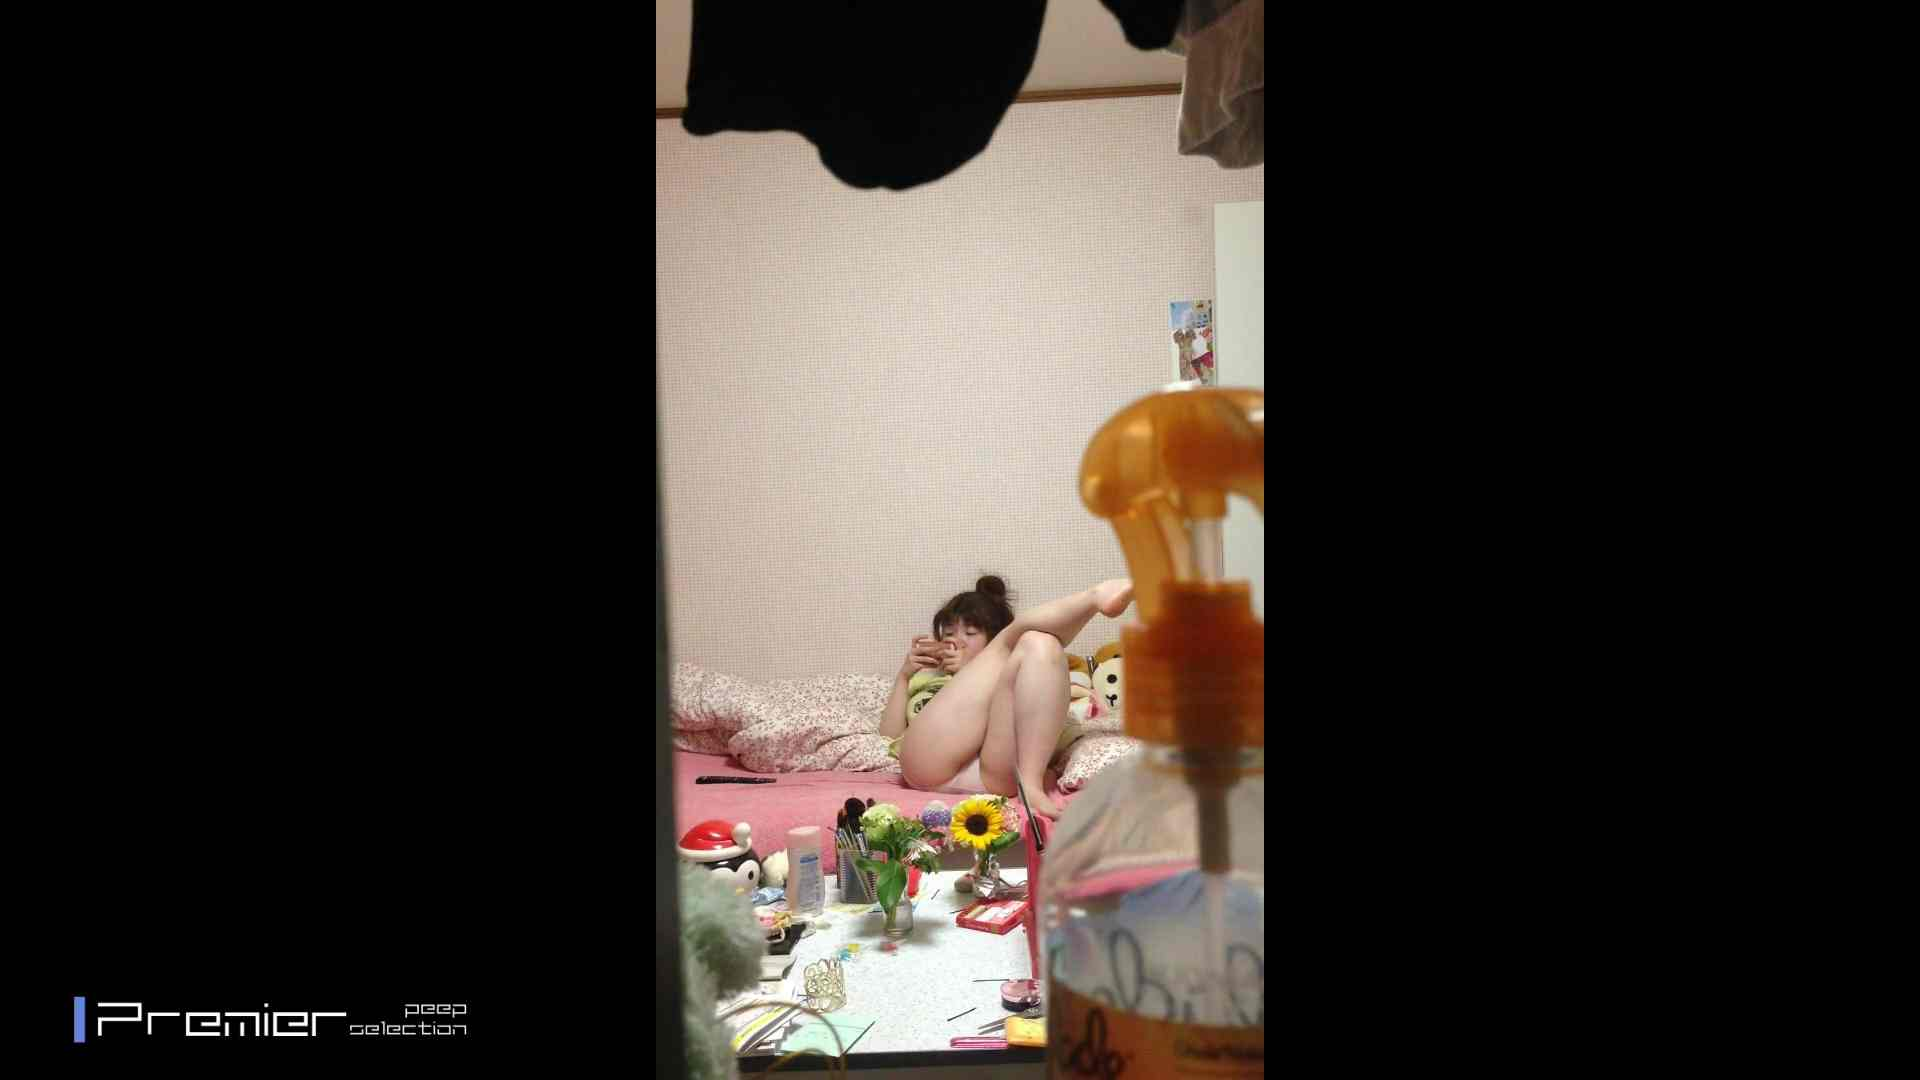 アダルトエロ動画|吉祥寺の美容師 エロい休日 美女達の私生活に潜入!|怪盗ジョーカー